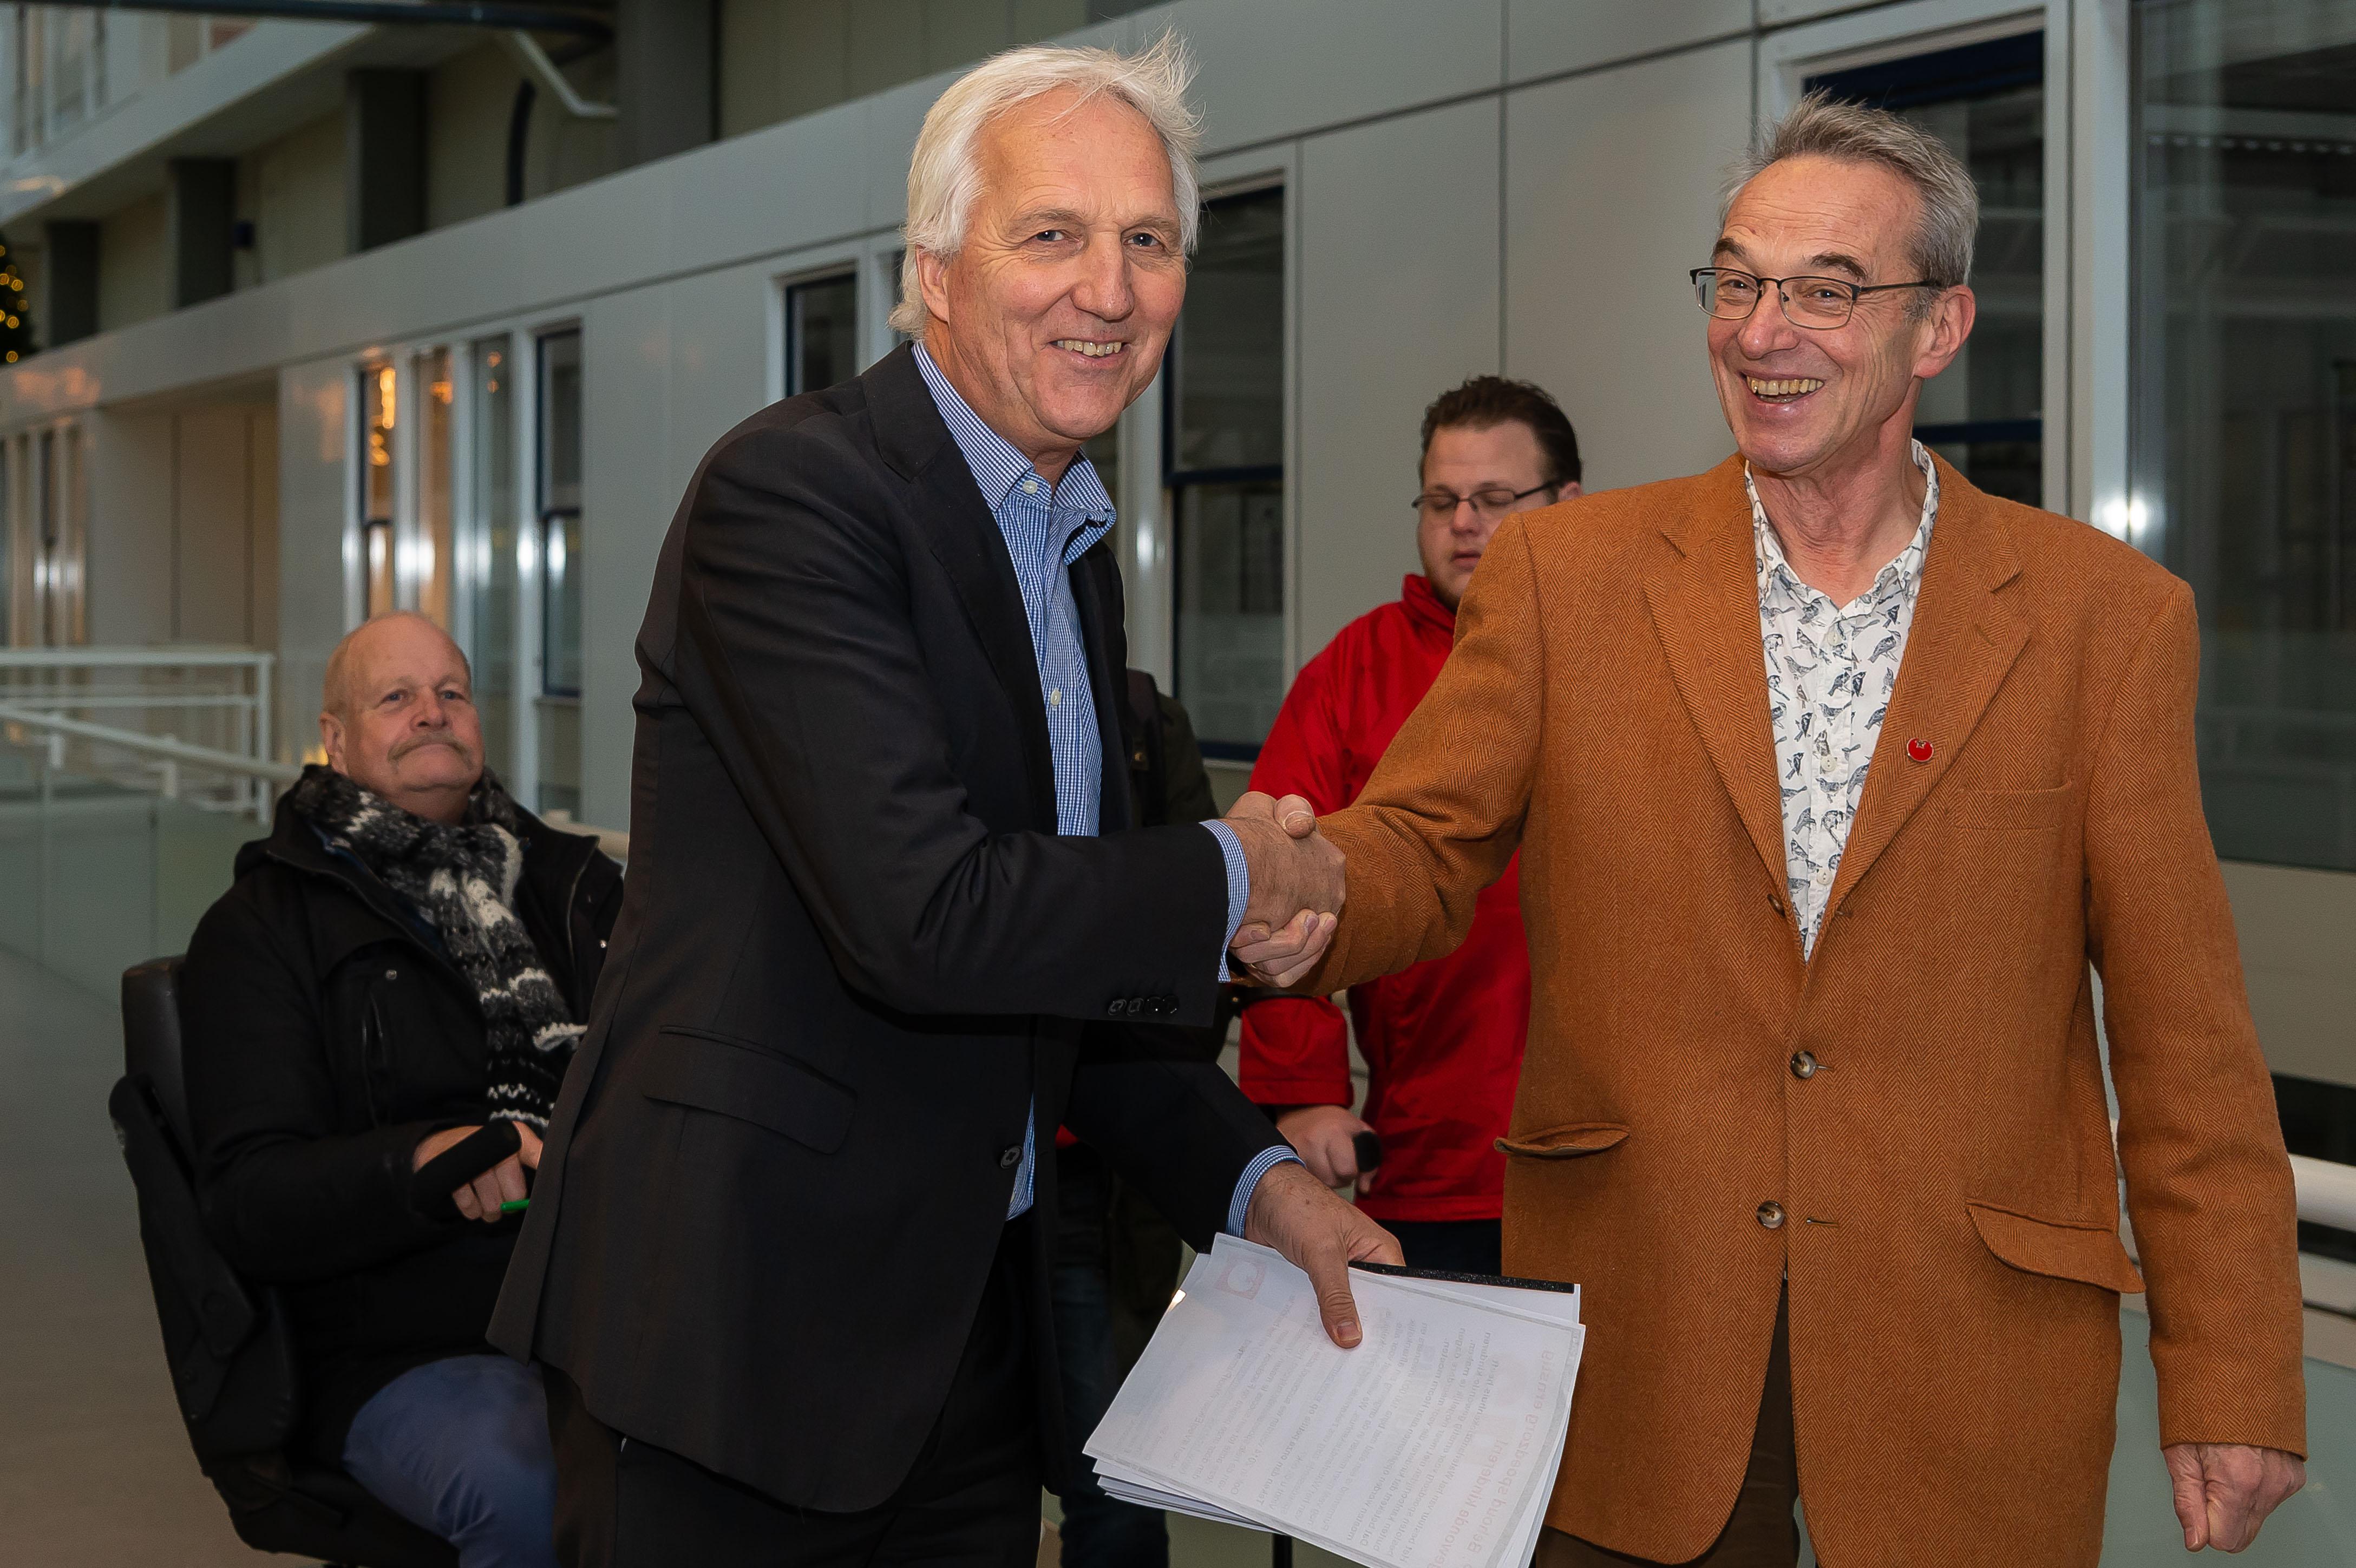 Arno Timmermans (Raad van Bestuur) neemt de petitie in ontvangst van SP's Wim Wildschut. (Foto: Han Giskes)